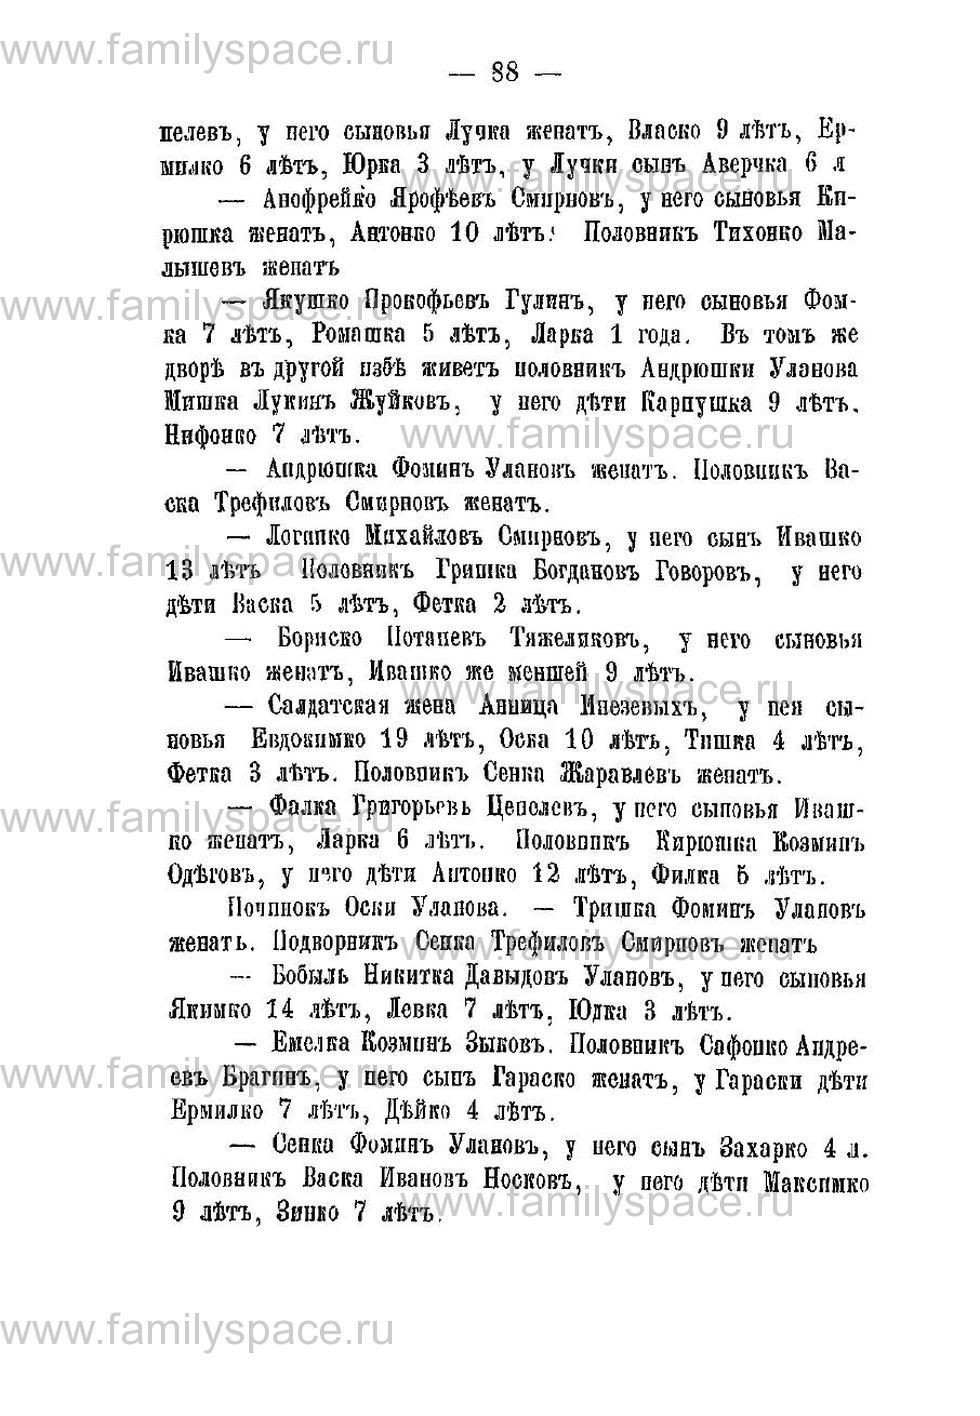 Поиск по фамилии - Переписная книга Орлова и волостей 1678 г, страница 84